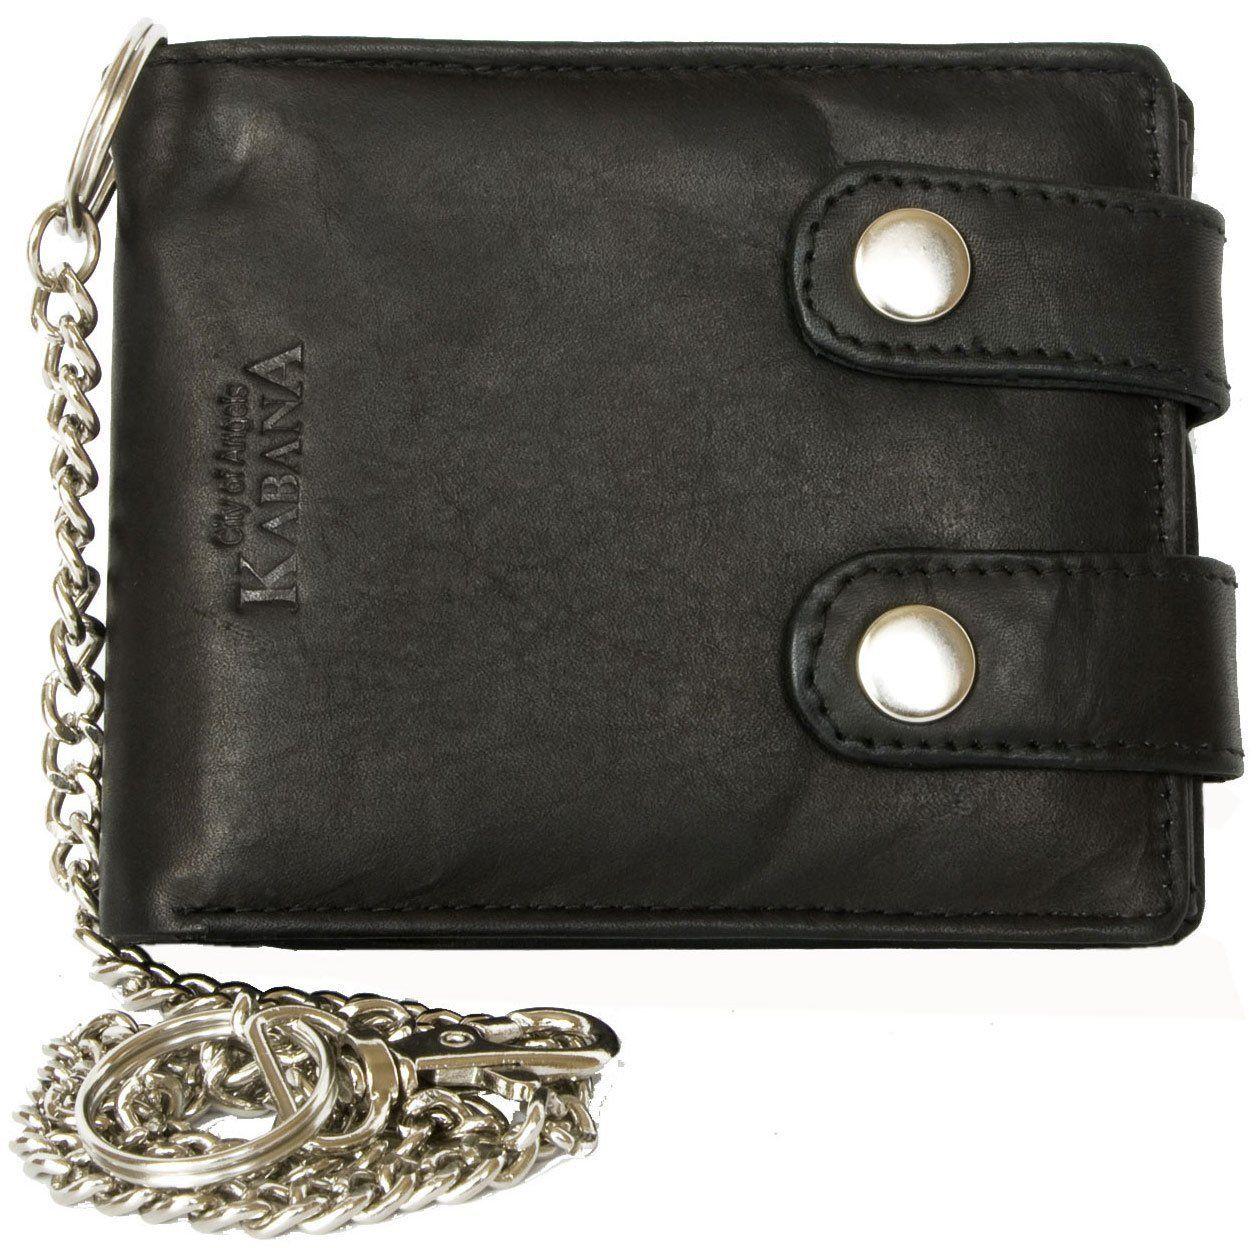 43d0387c5 Billetera negro estilo motero de cuero con cadena de metal | ropa ...